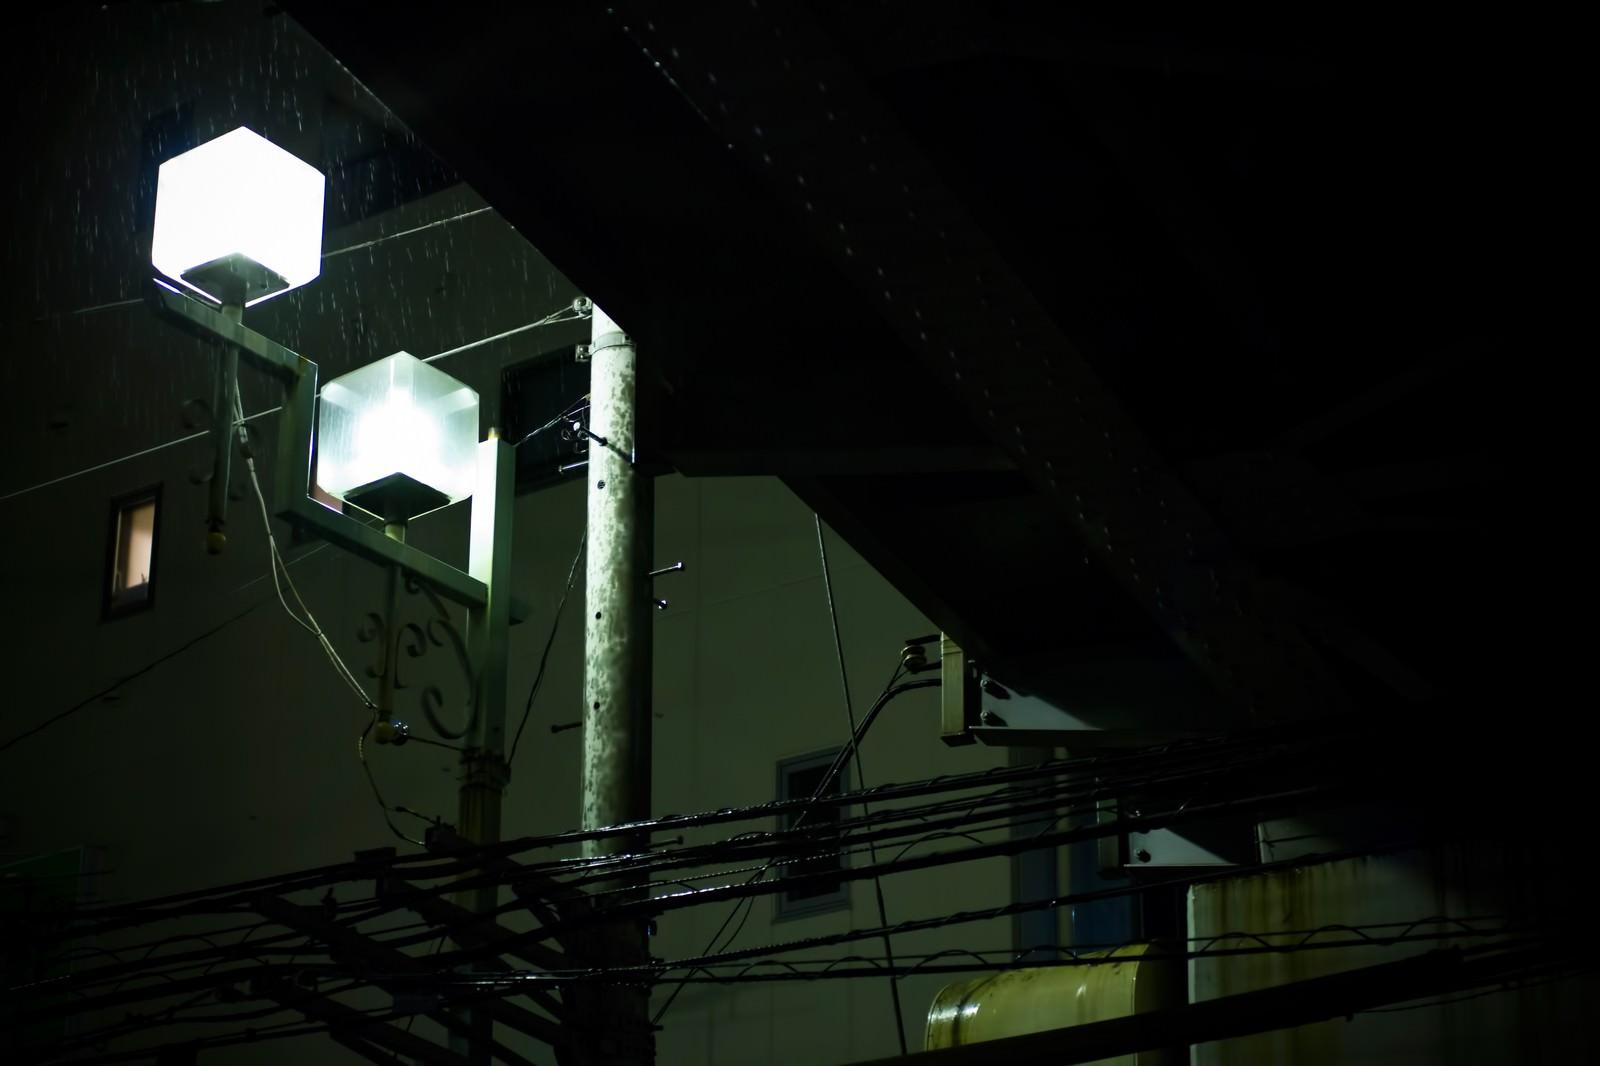 「高架下の街灯と雨」の写真